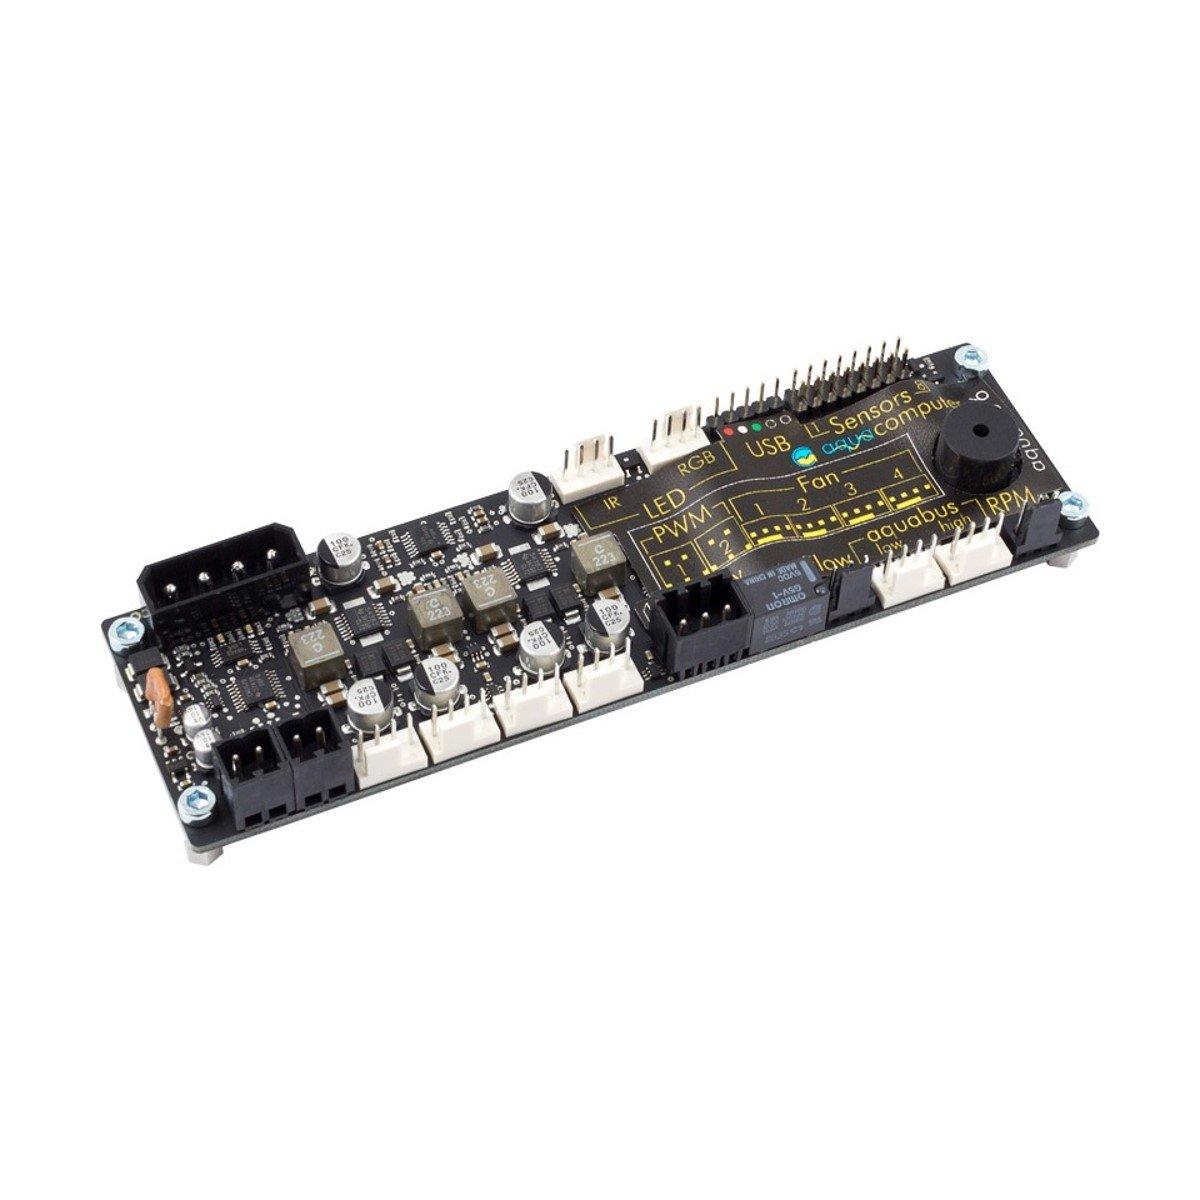 Aquacomputer Aquaero 6 LT USB Fan-Controller (53234) by Aquacomputer